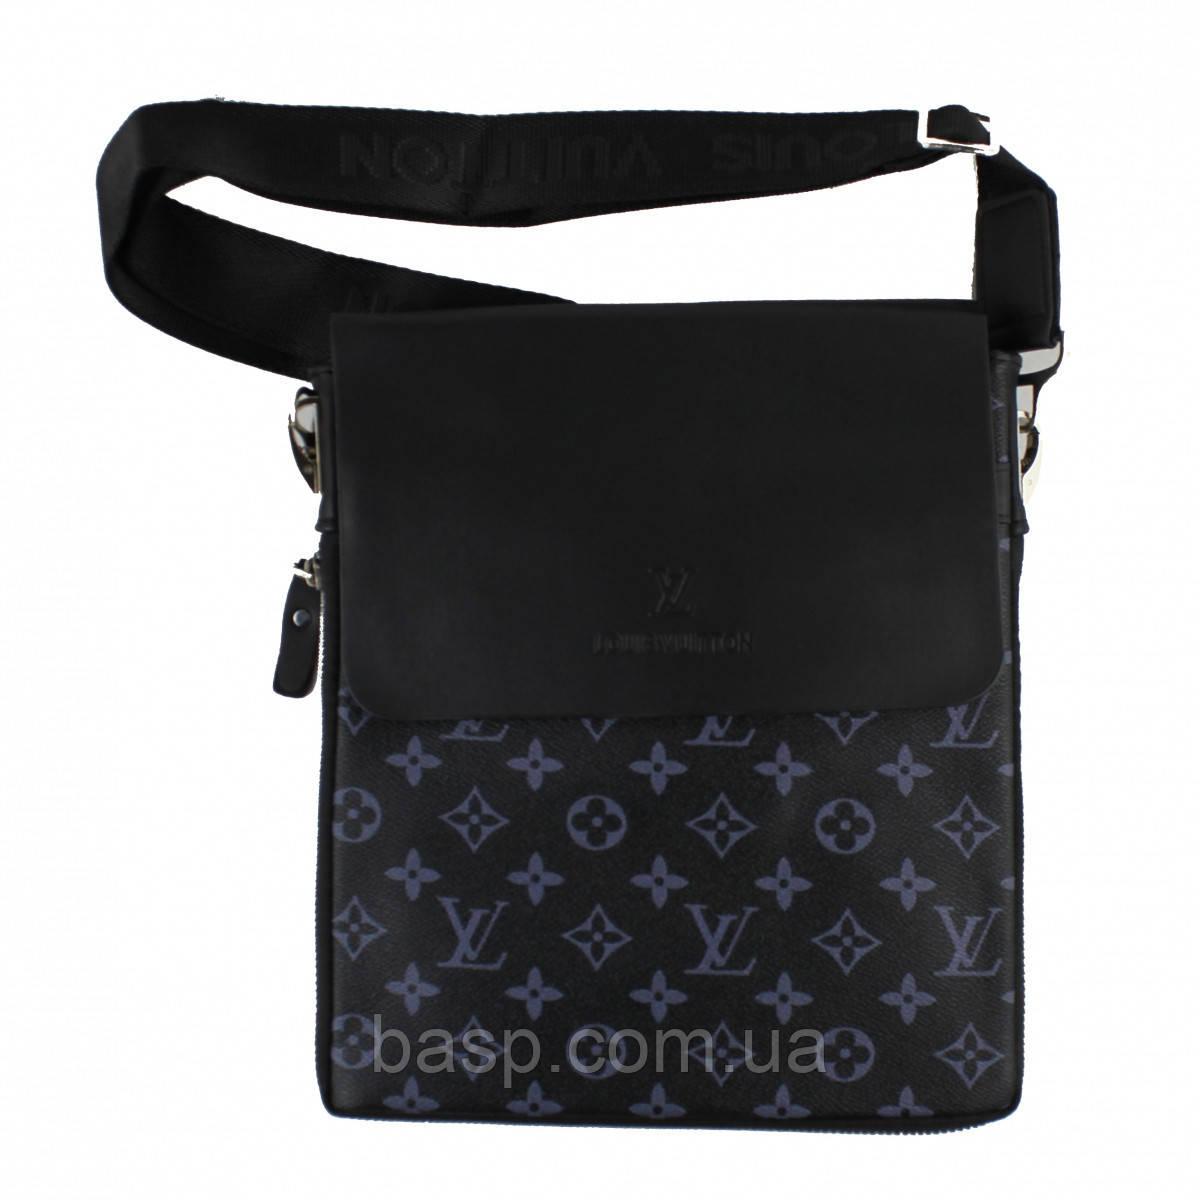 62c077739f97 Мужская сумка планшет Louis Vuitton(реплика) - интернет-магазин